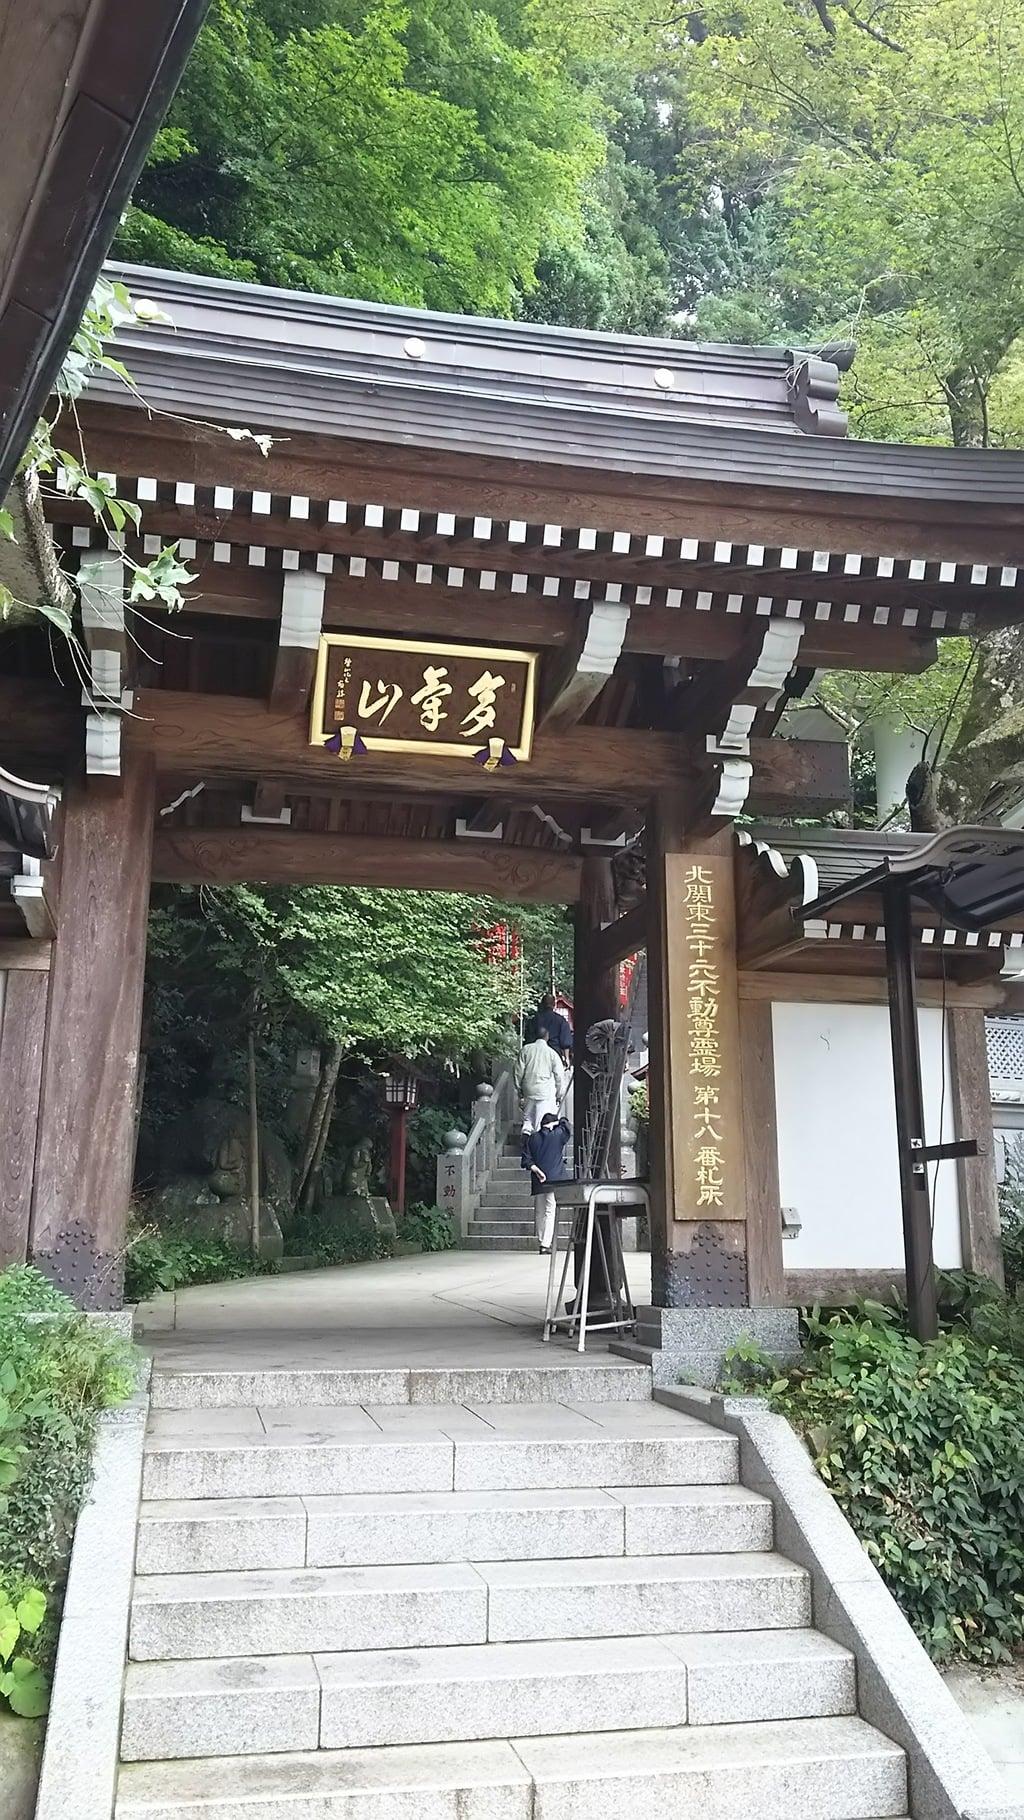 持寳院(多気不動尊)(栃木県)